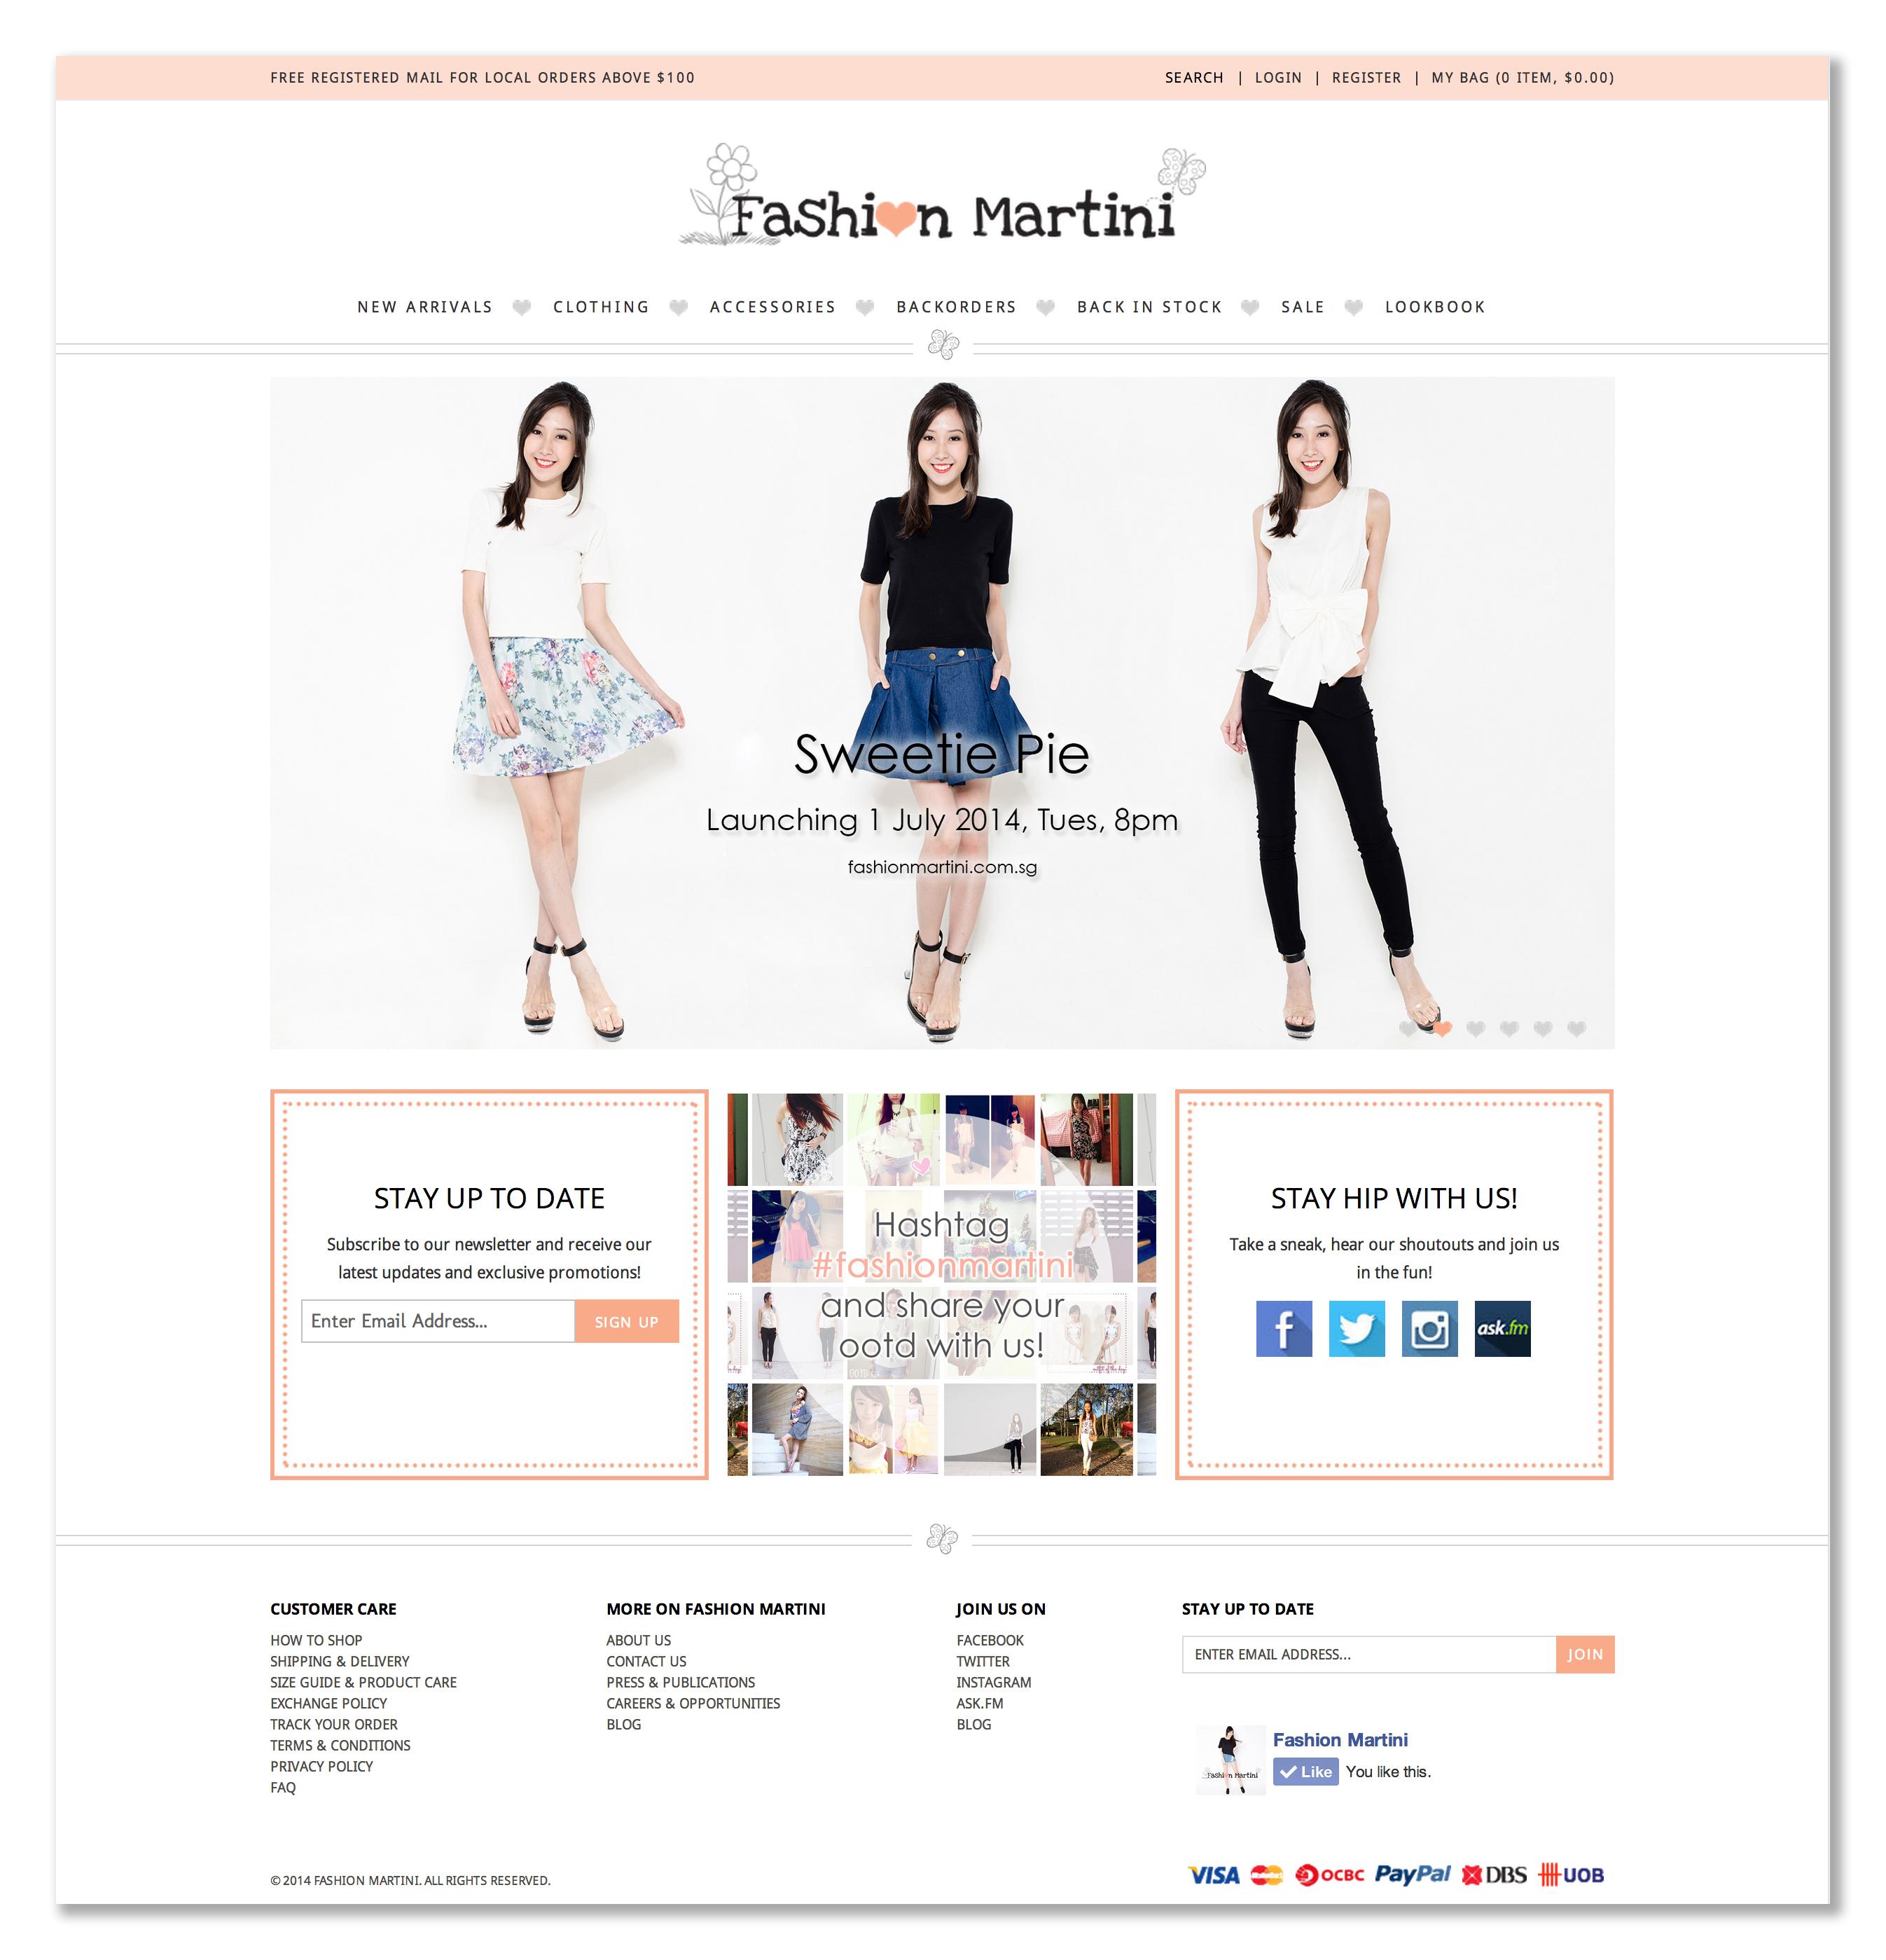 Fashion Martini New Website copy